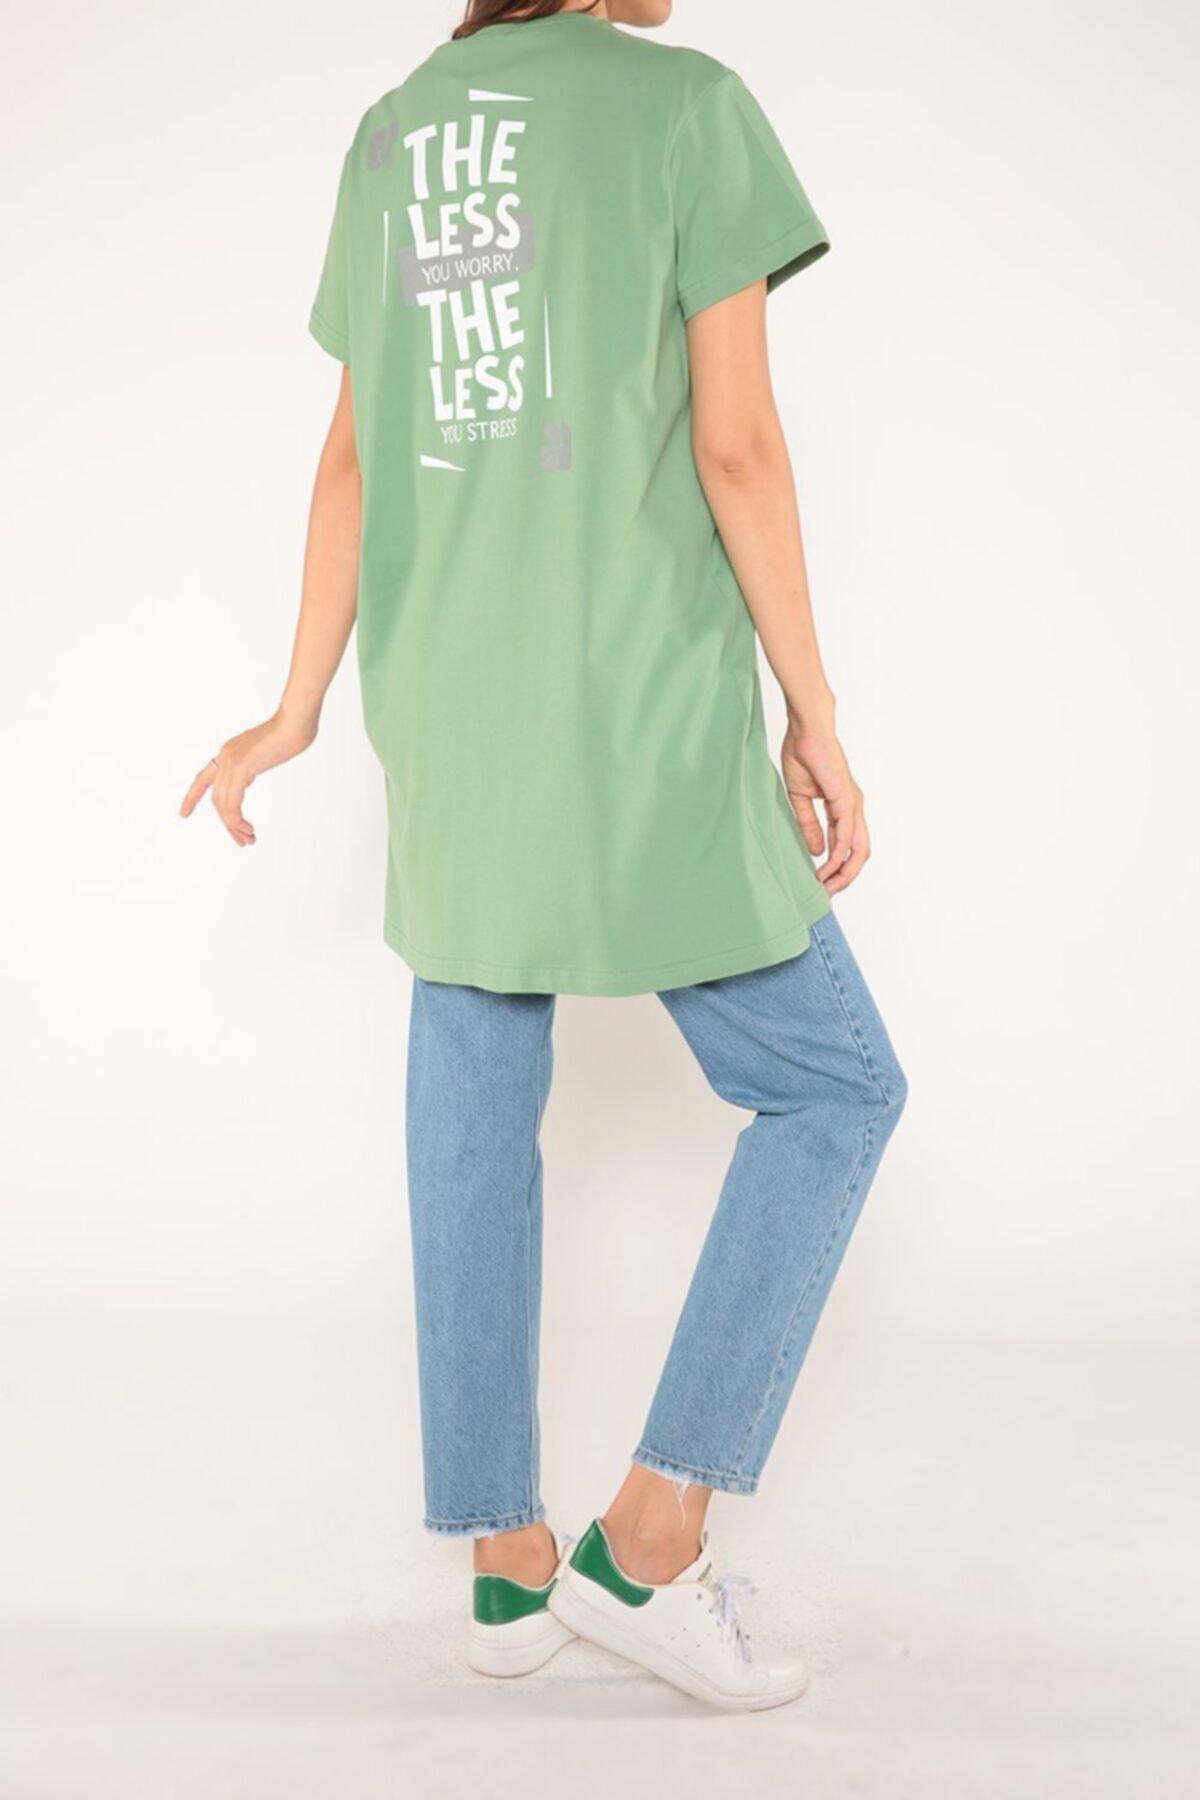 ALLDAY Fıstık Yeşili Arkası Baskılı Kısa Kol T-shirt 2